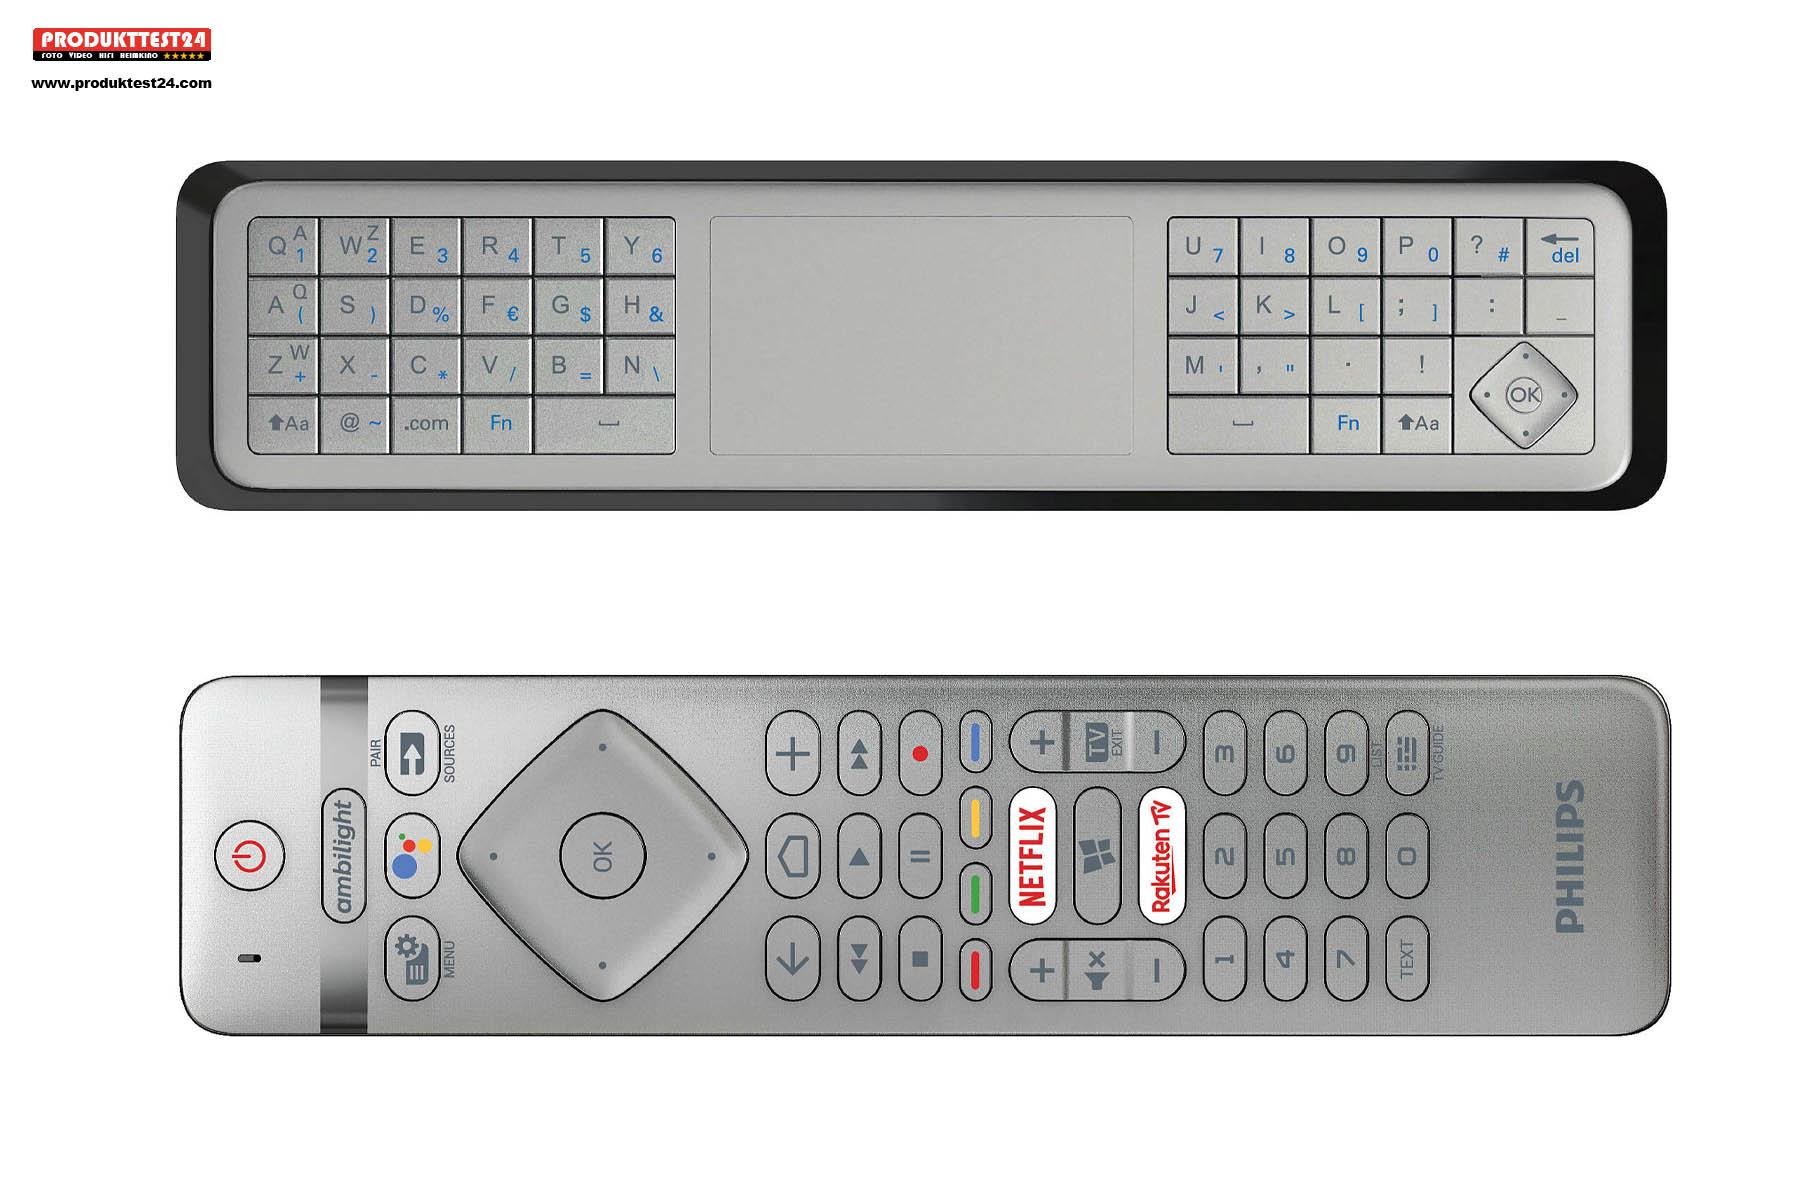 Die Philips Fernbedienung mit integrierter Tastatur, Touchpad und Mikrofon